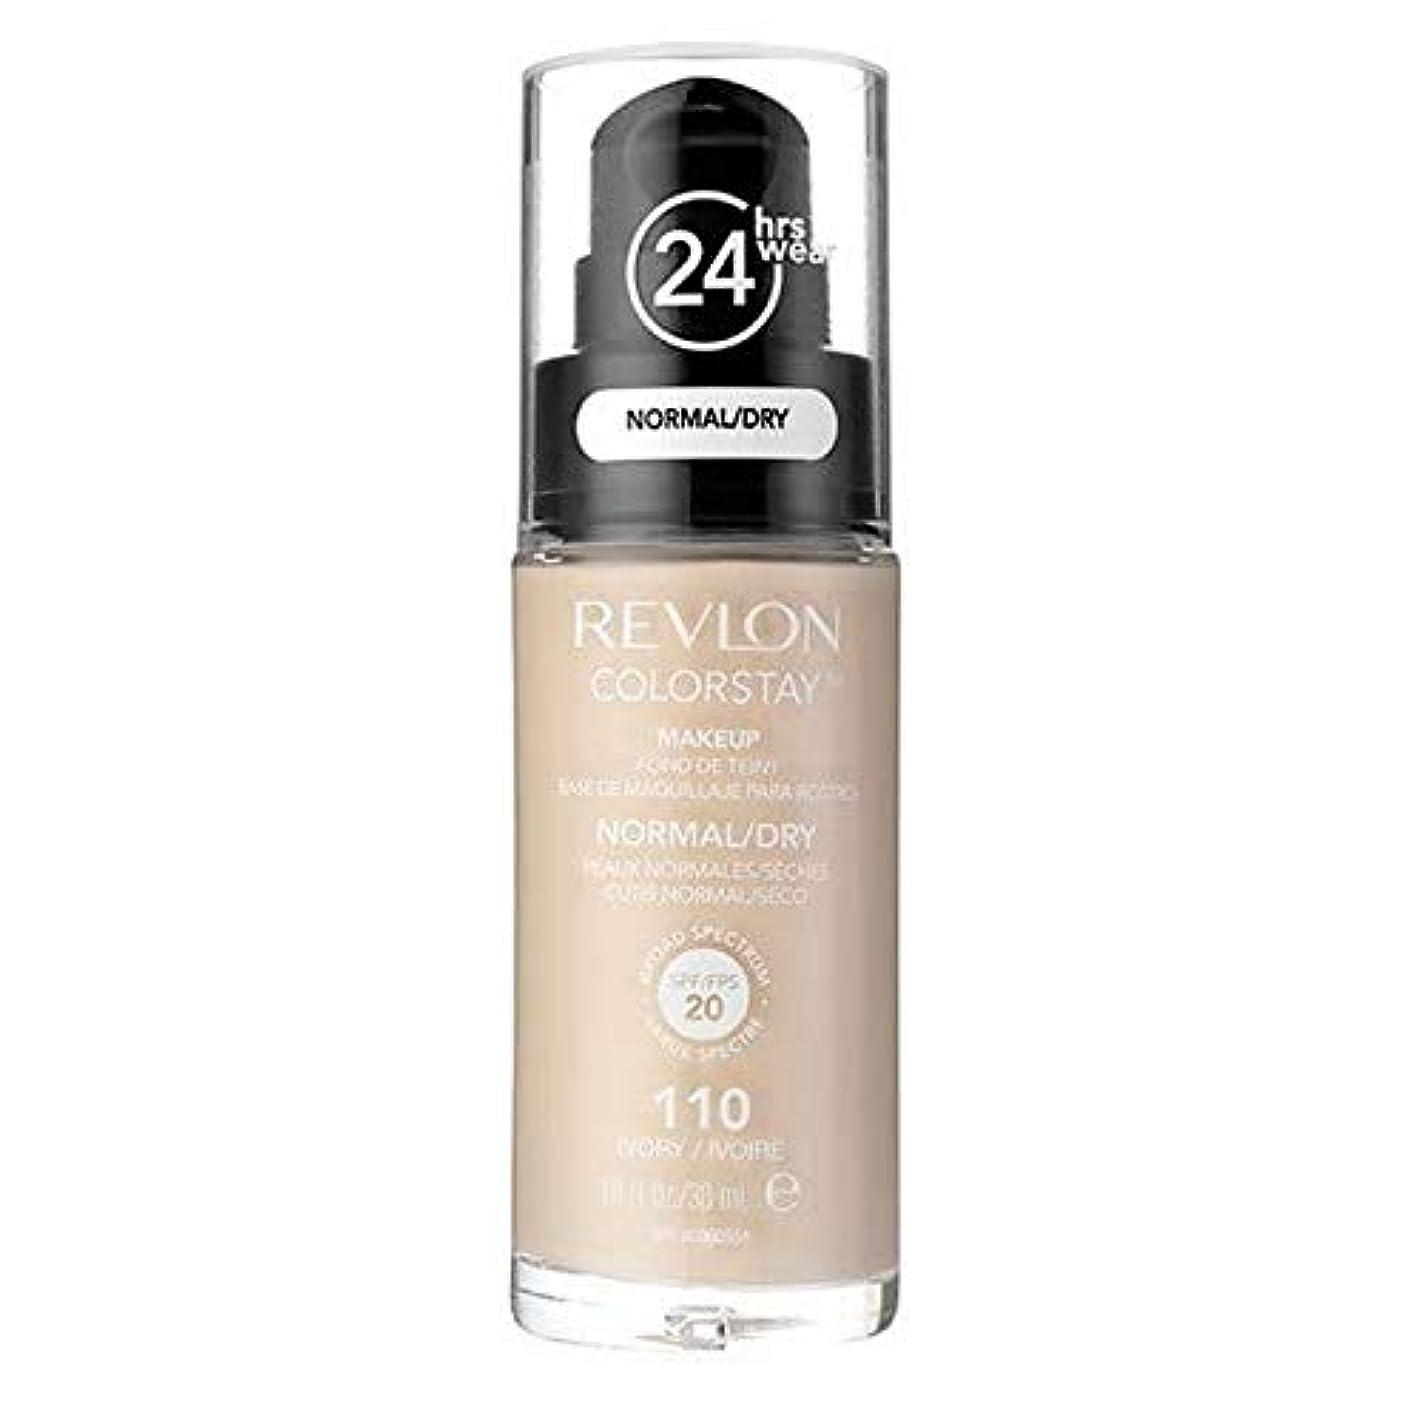 スカリースポンサー誤解を招く[Revlon ] レブロンカラーステイ基盤ノルム/ドライアイボリー30ミリリットル - Revlon Color Stay Foundation Norm/Dry Ivory 30ml [並行輸入品]